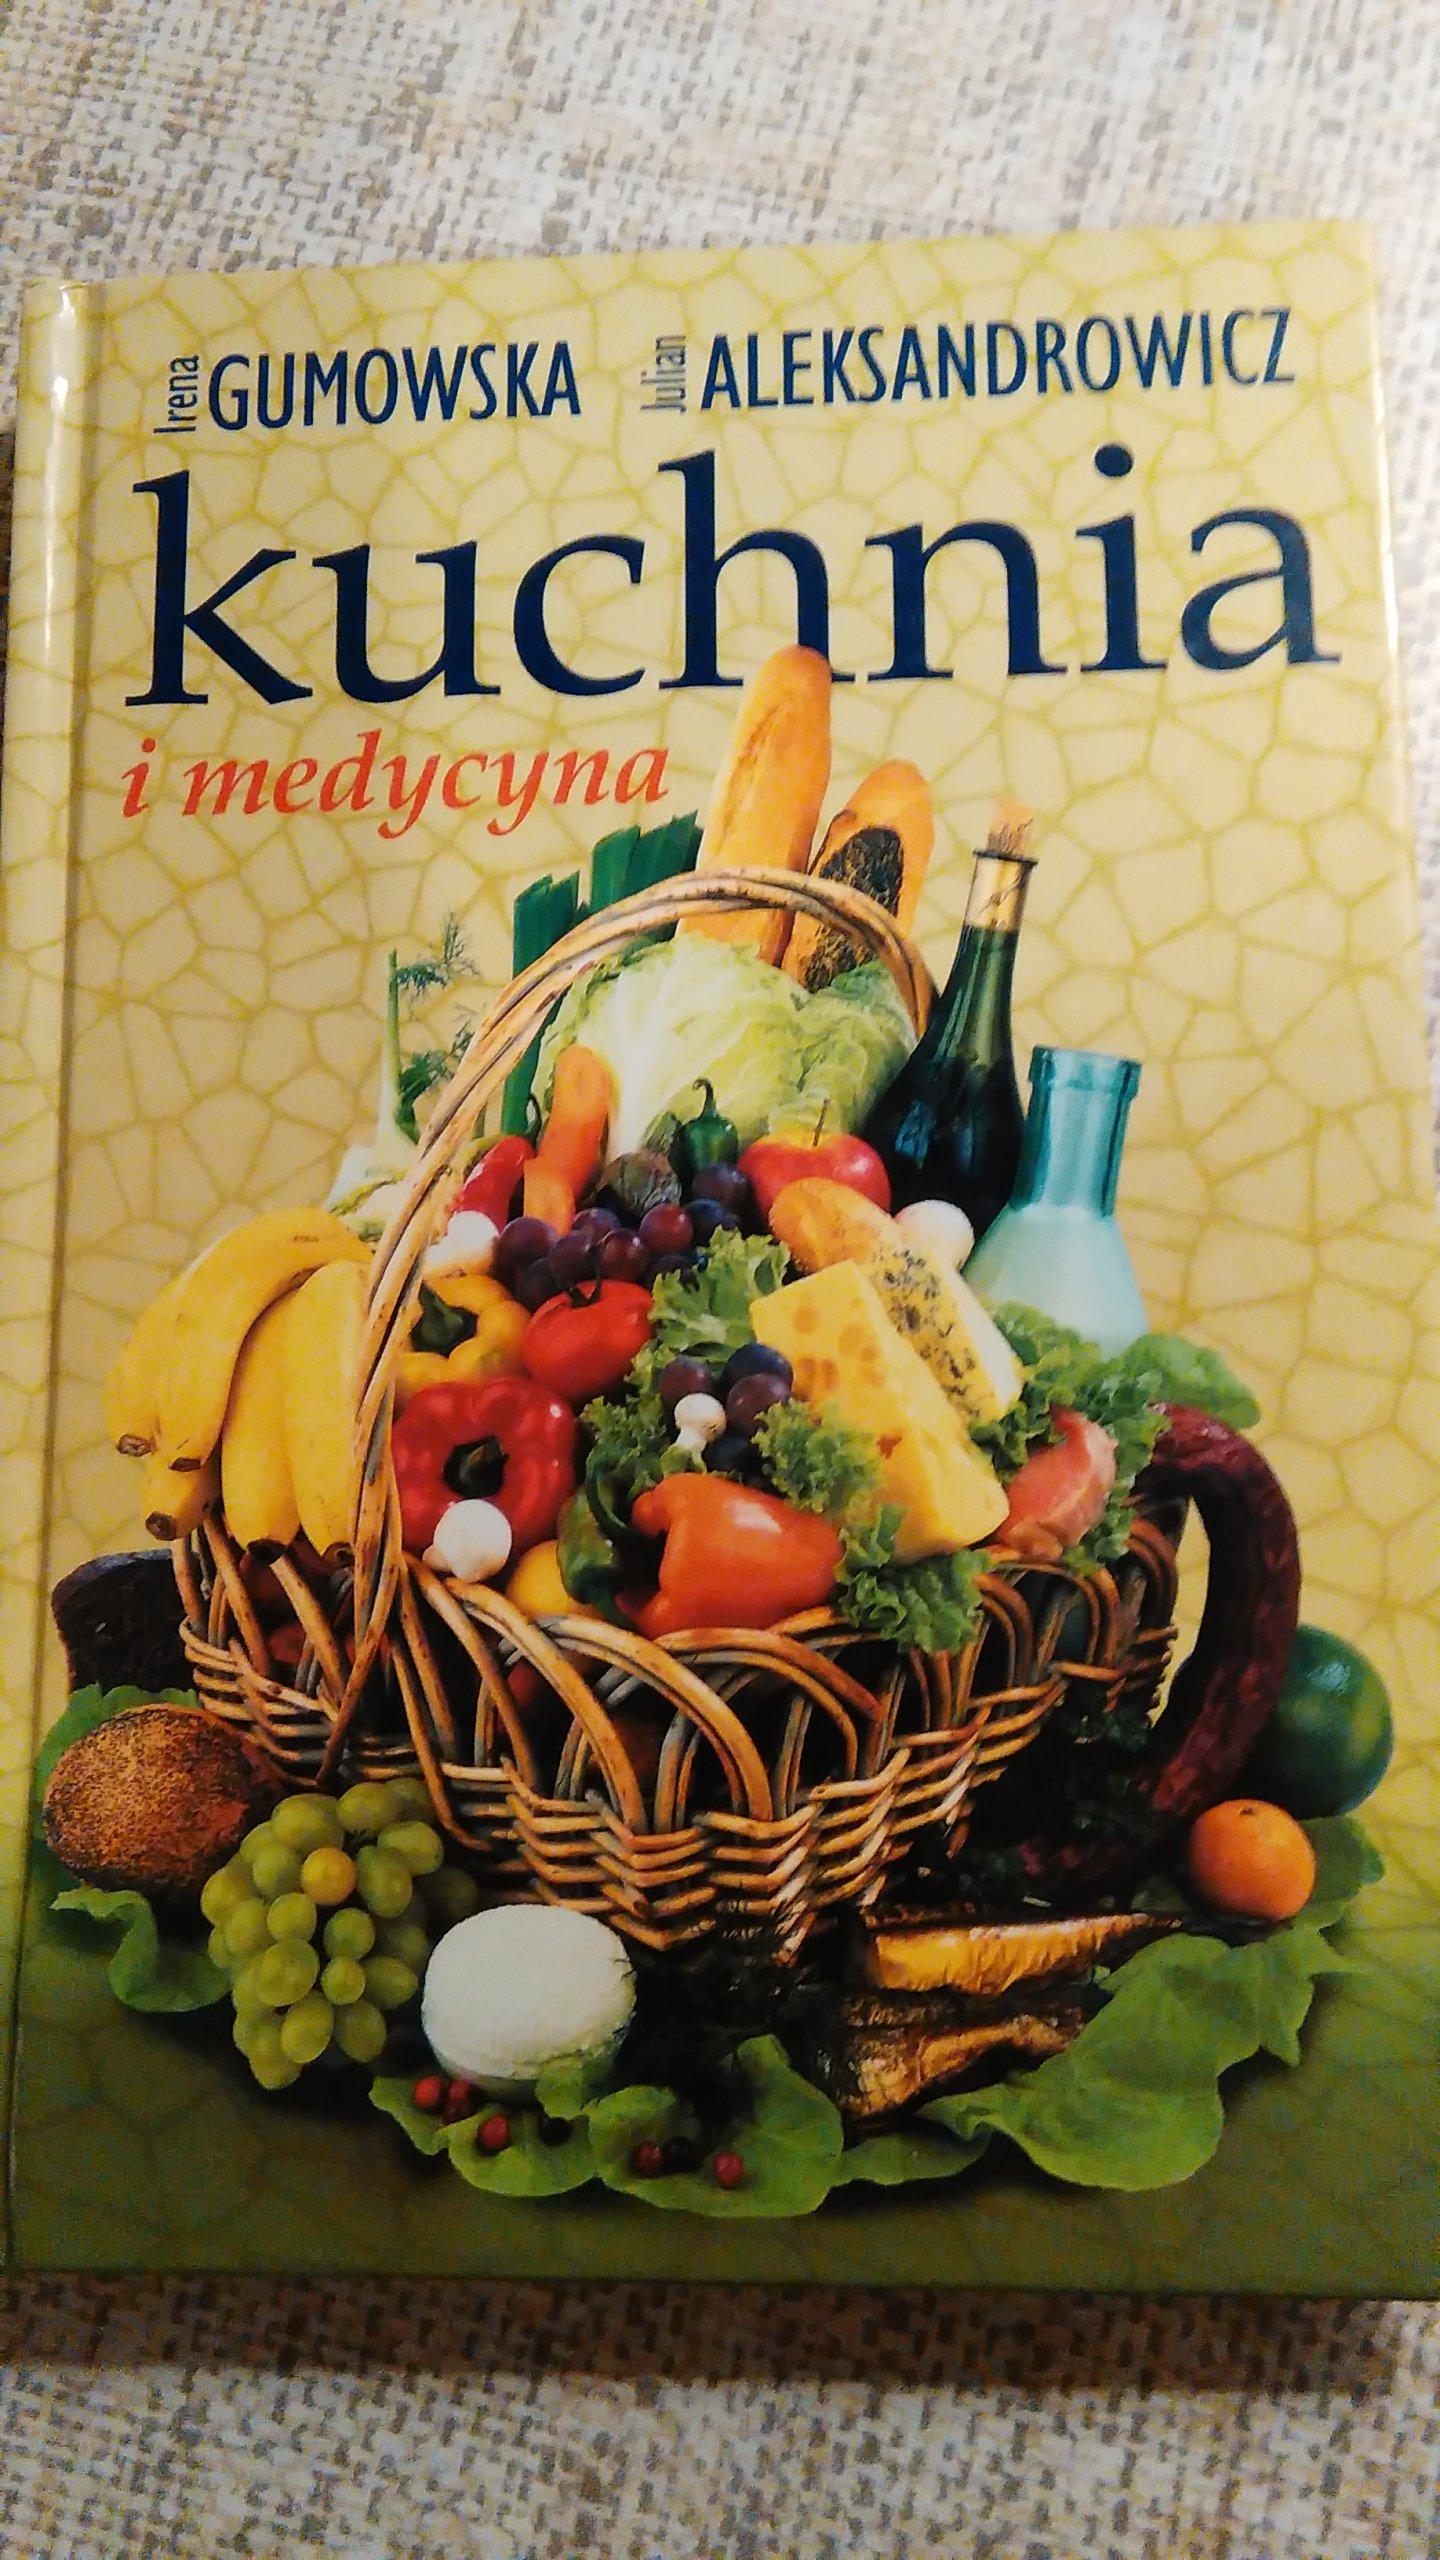 Kuchnia I Medycyna Gumowska Aleksandrowicz 7158312504